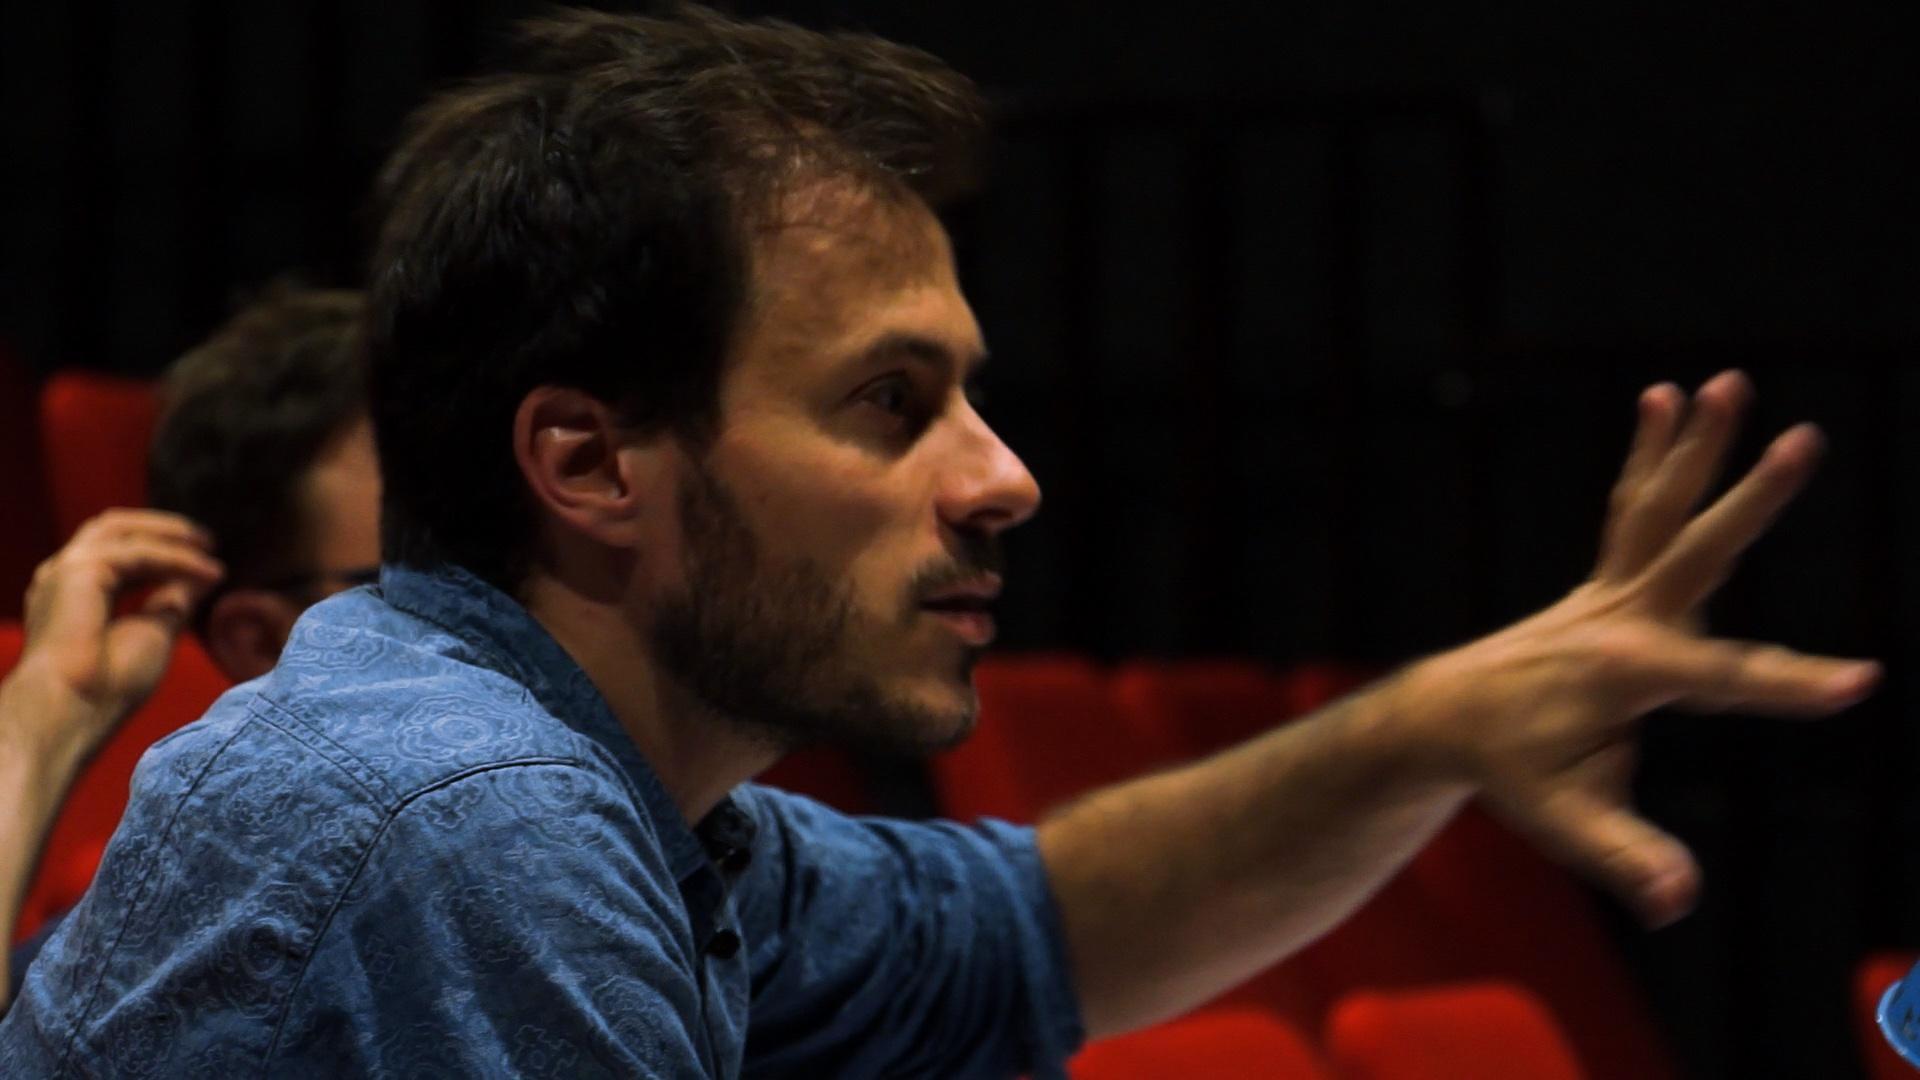 De l'ombre à la lumière Johanny Bert 2 - Blandine Armand - Documentaires